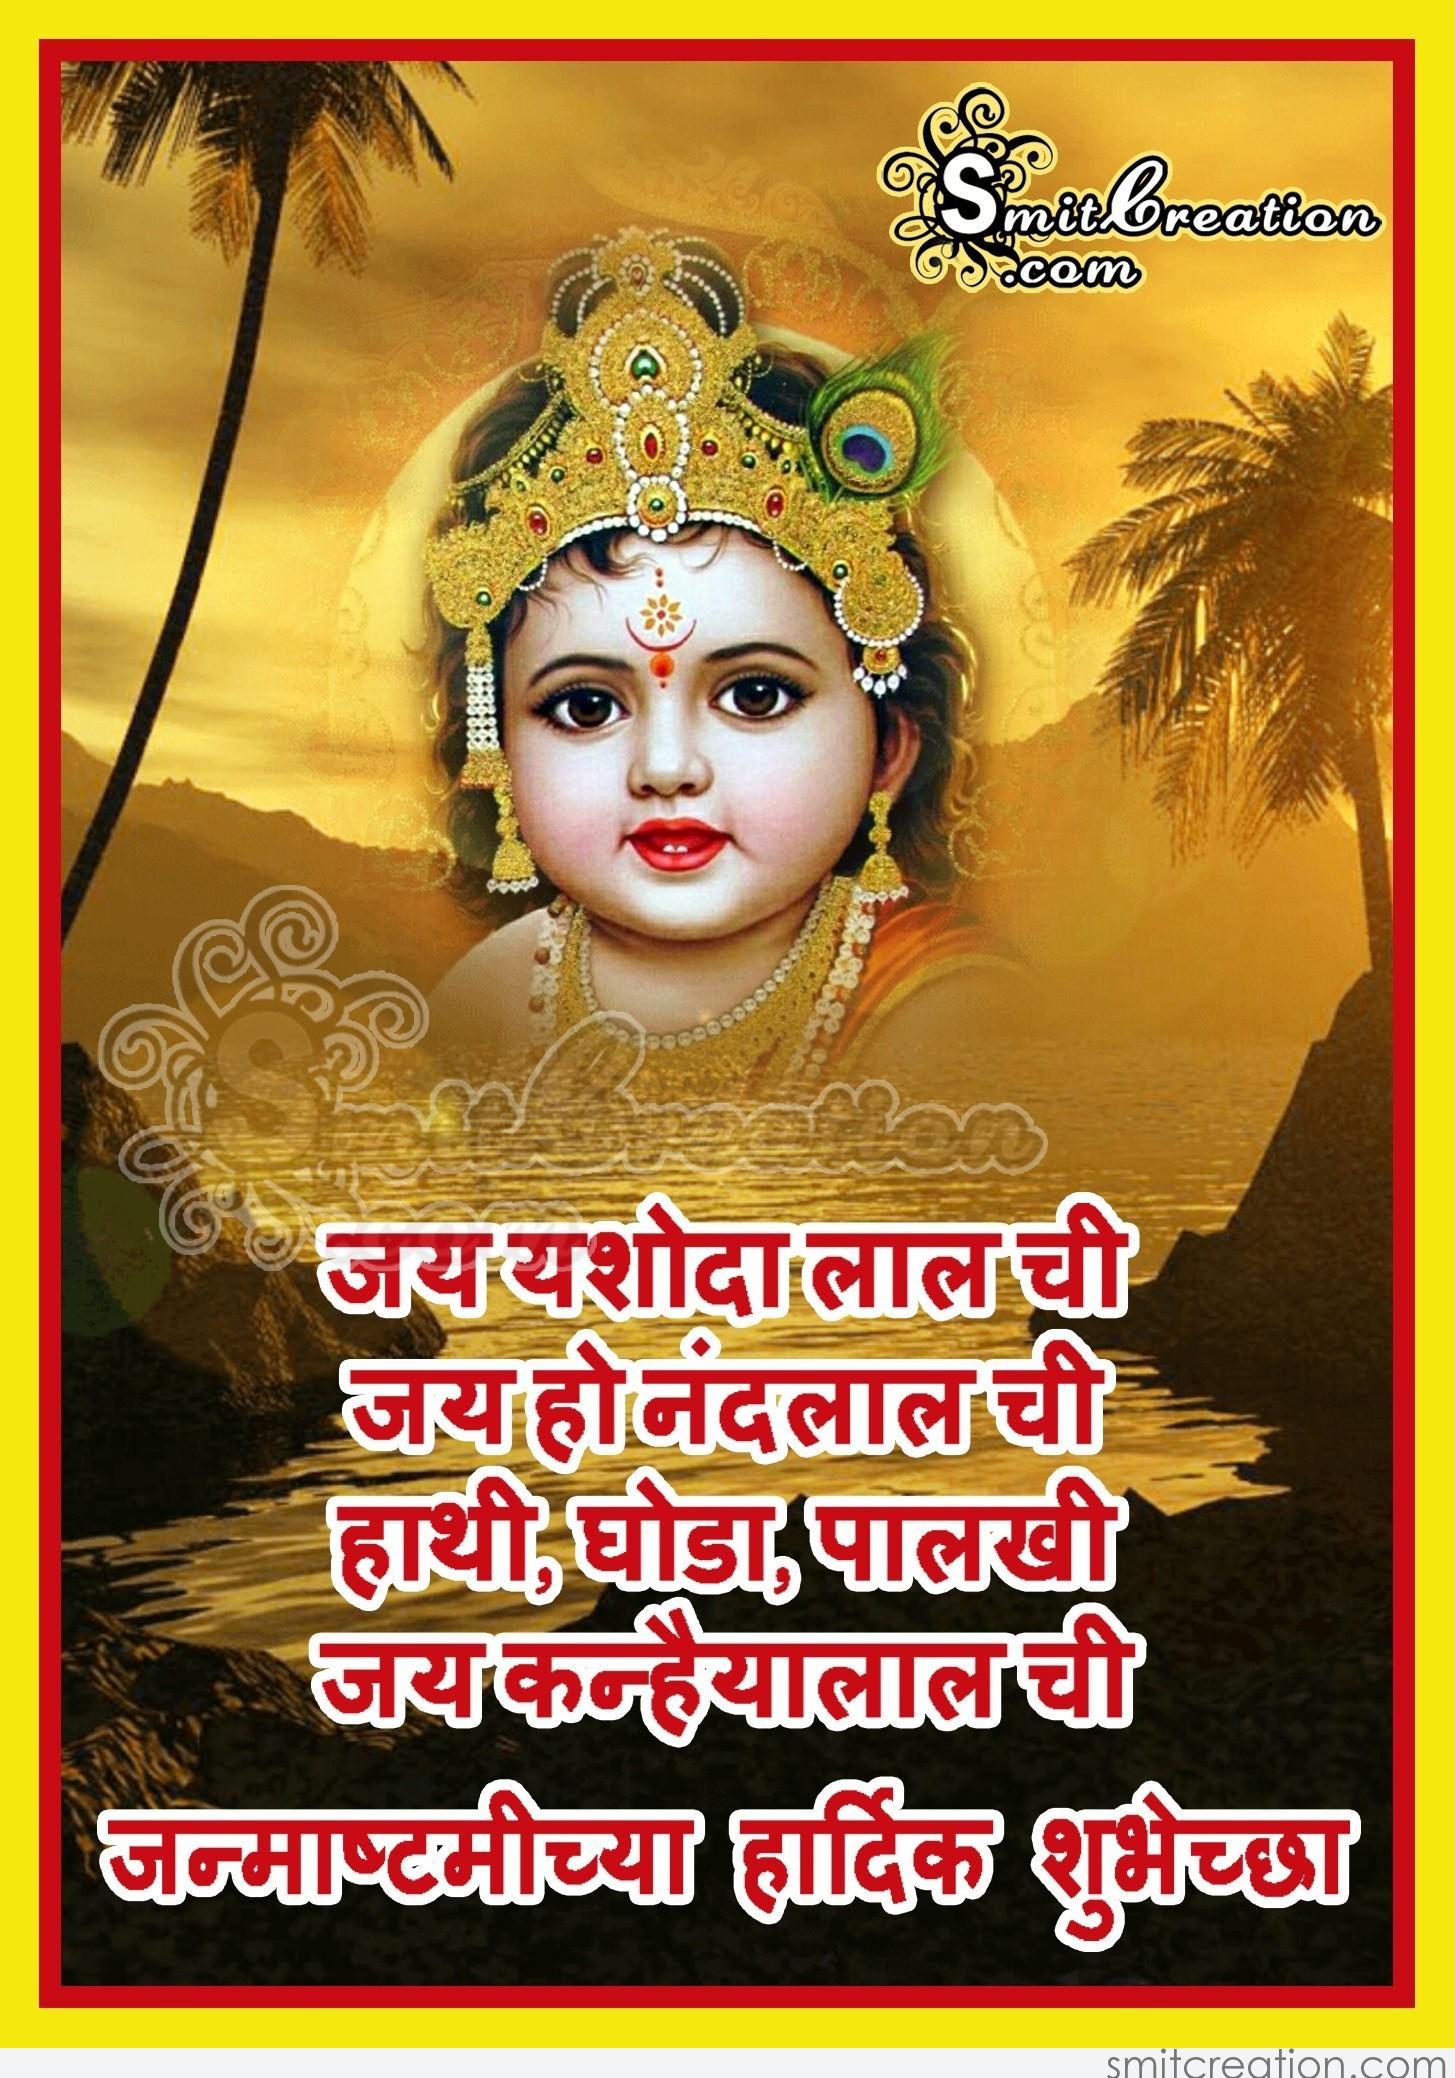 JANMASHTMICHYA HARDIK SHUBHECHHA - SmitCreation.com Vadhdivas Chya Hardik Shubhechha